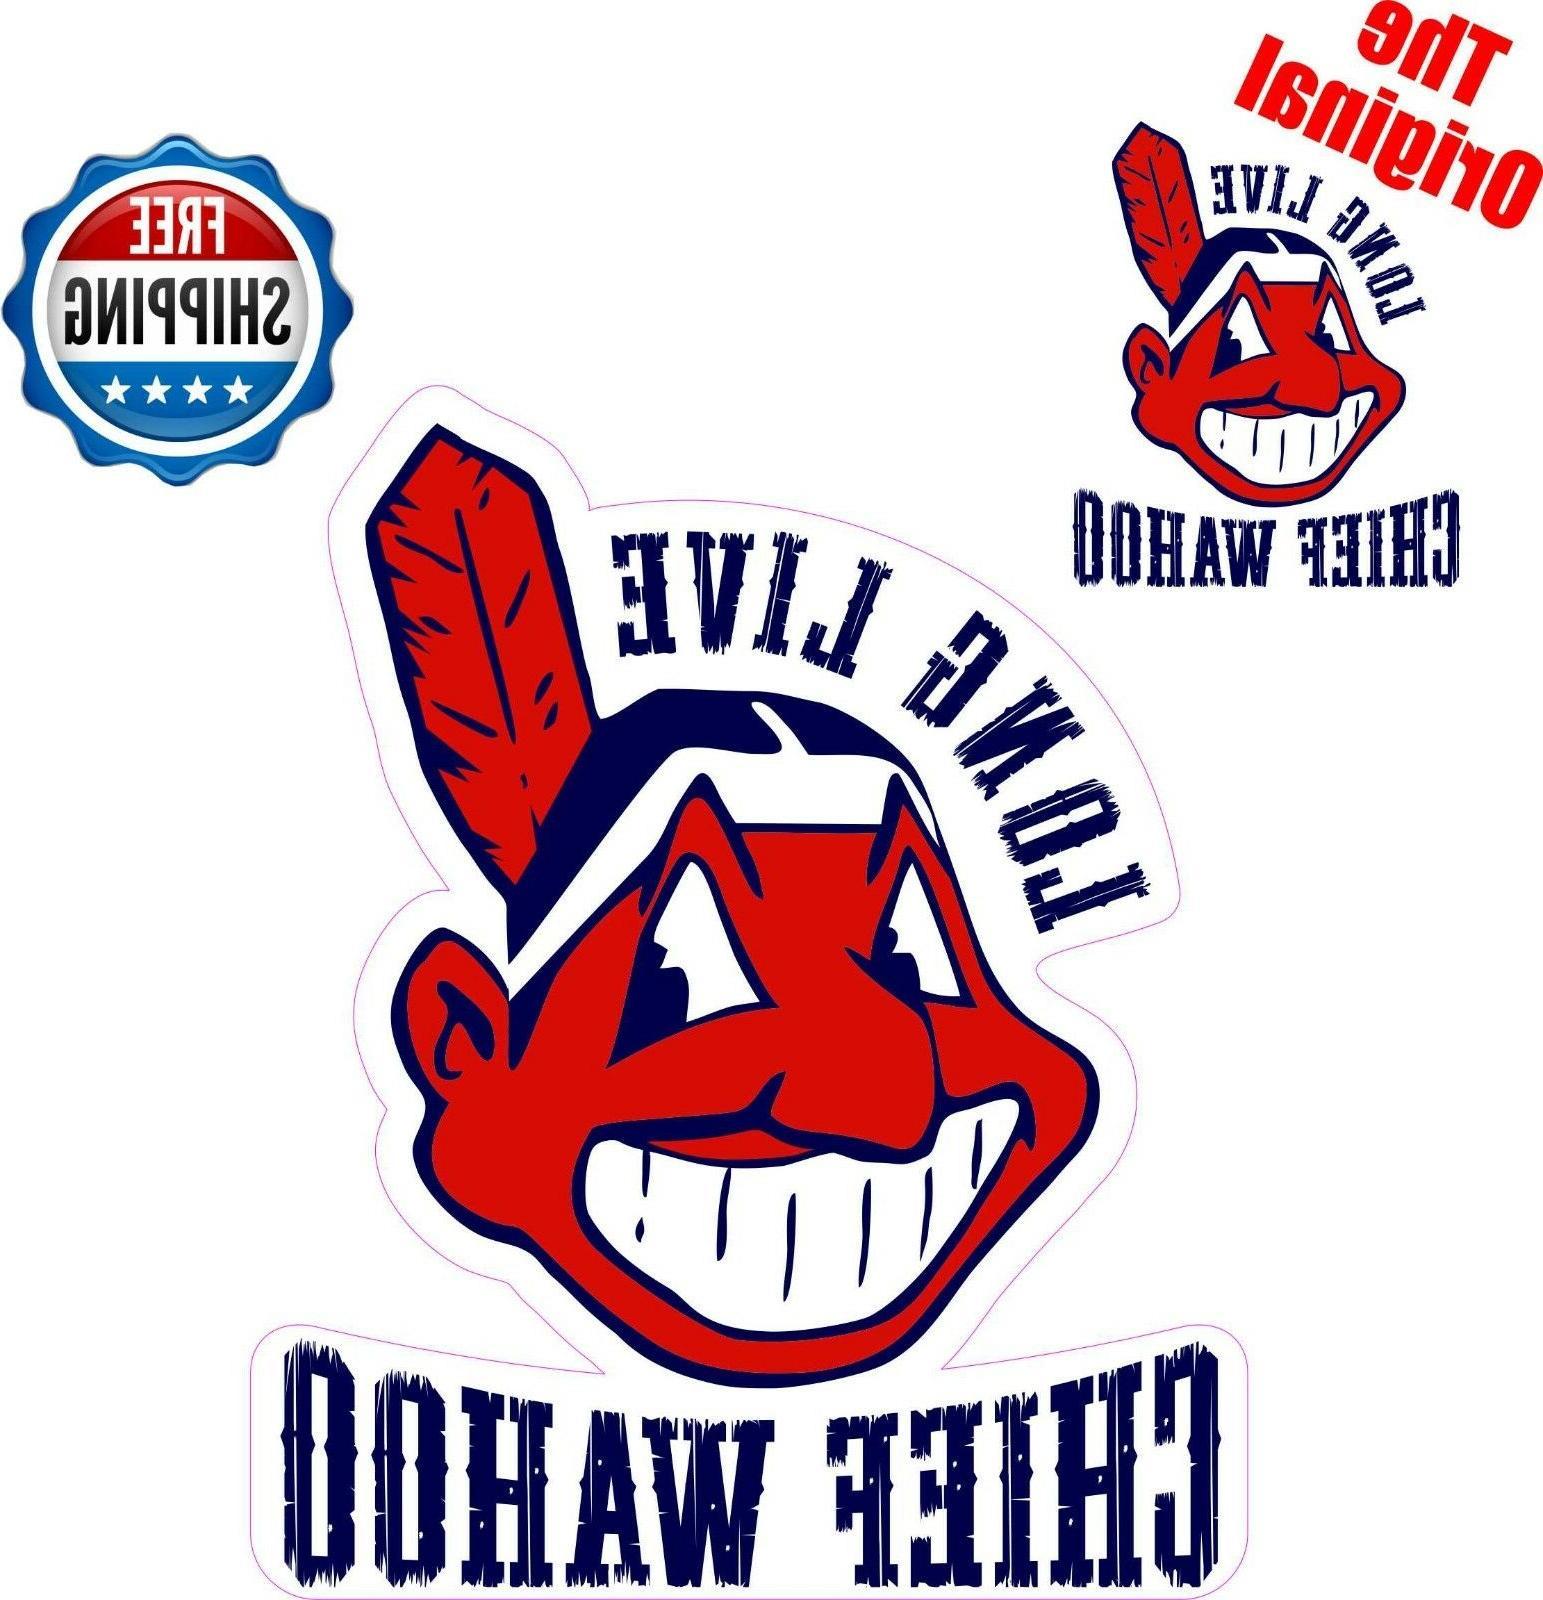 Long Cleveland Indians Shirt S-5XL ORIGINAL